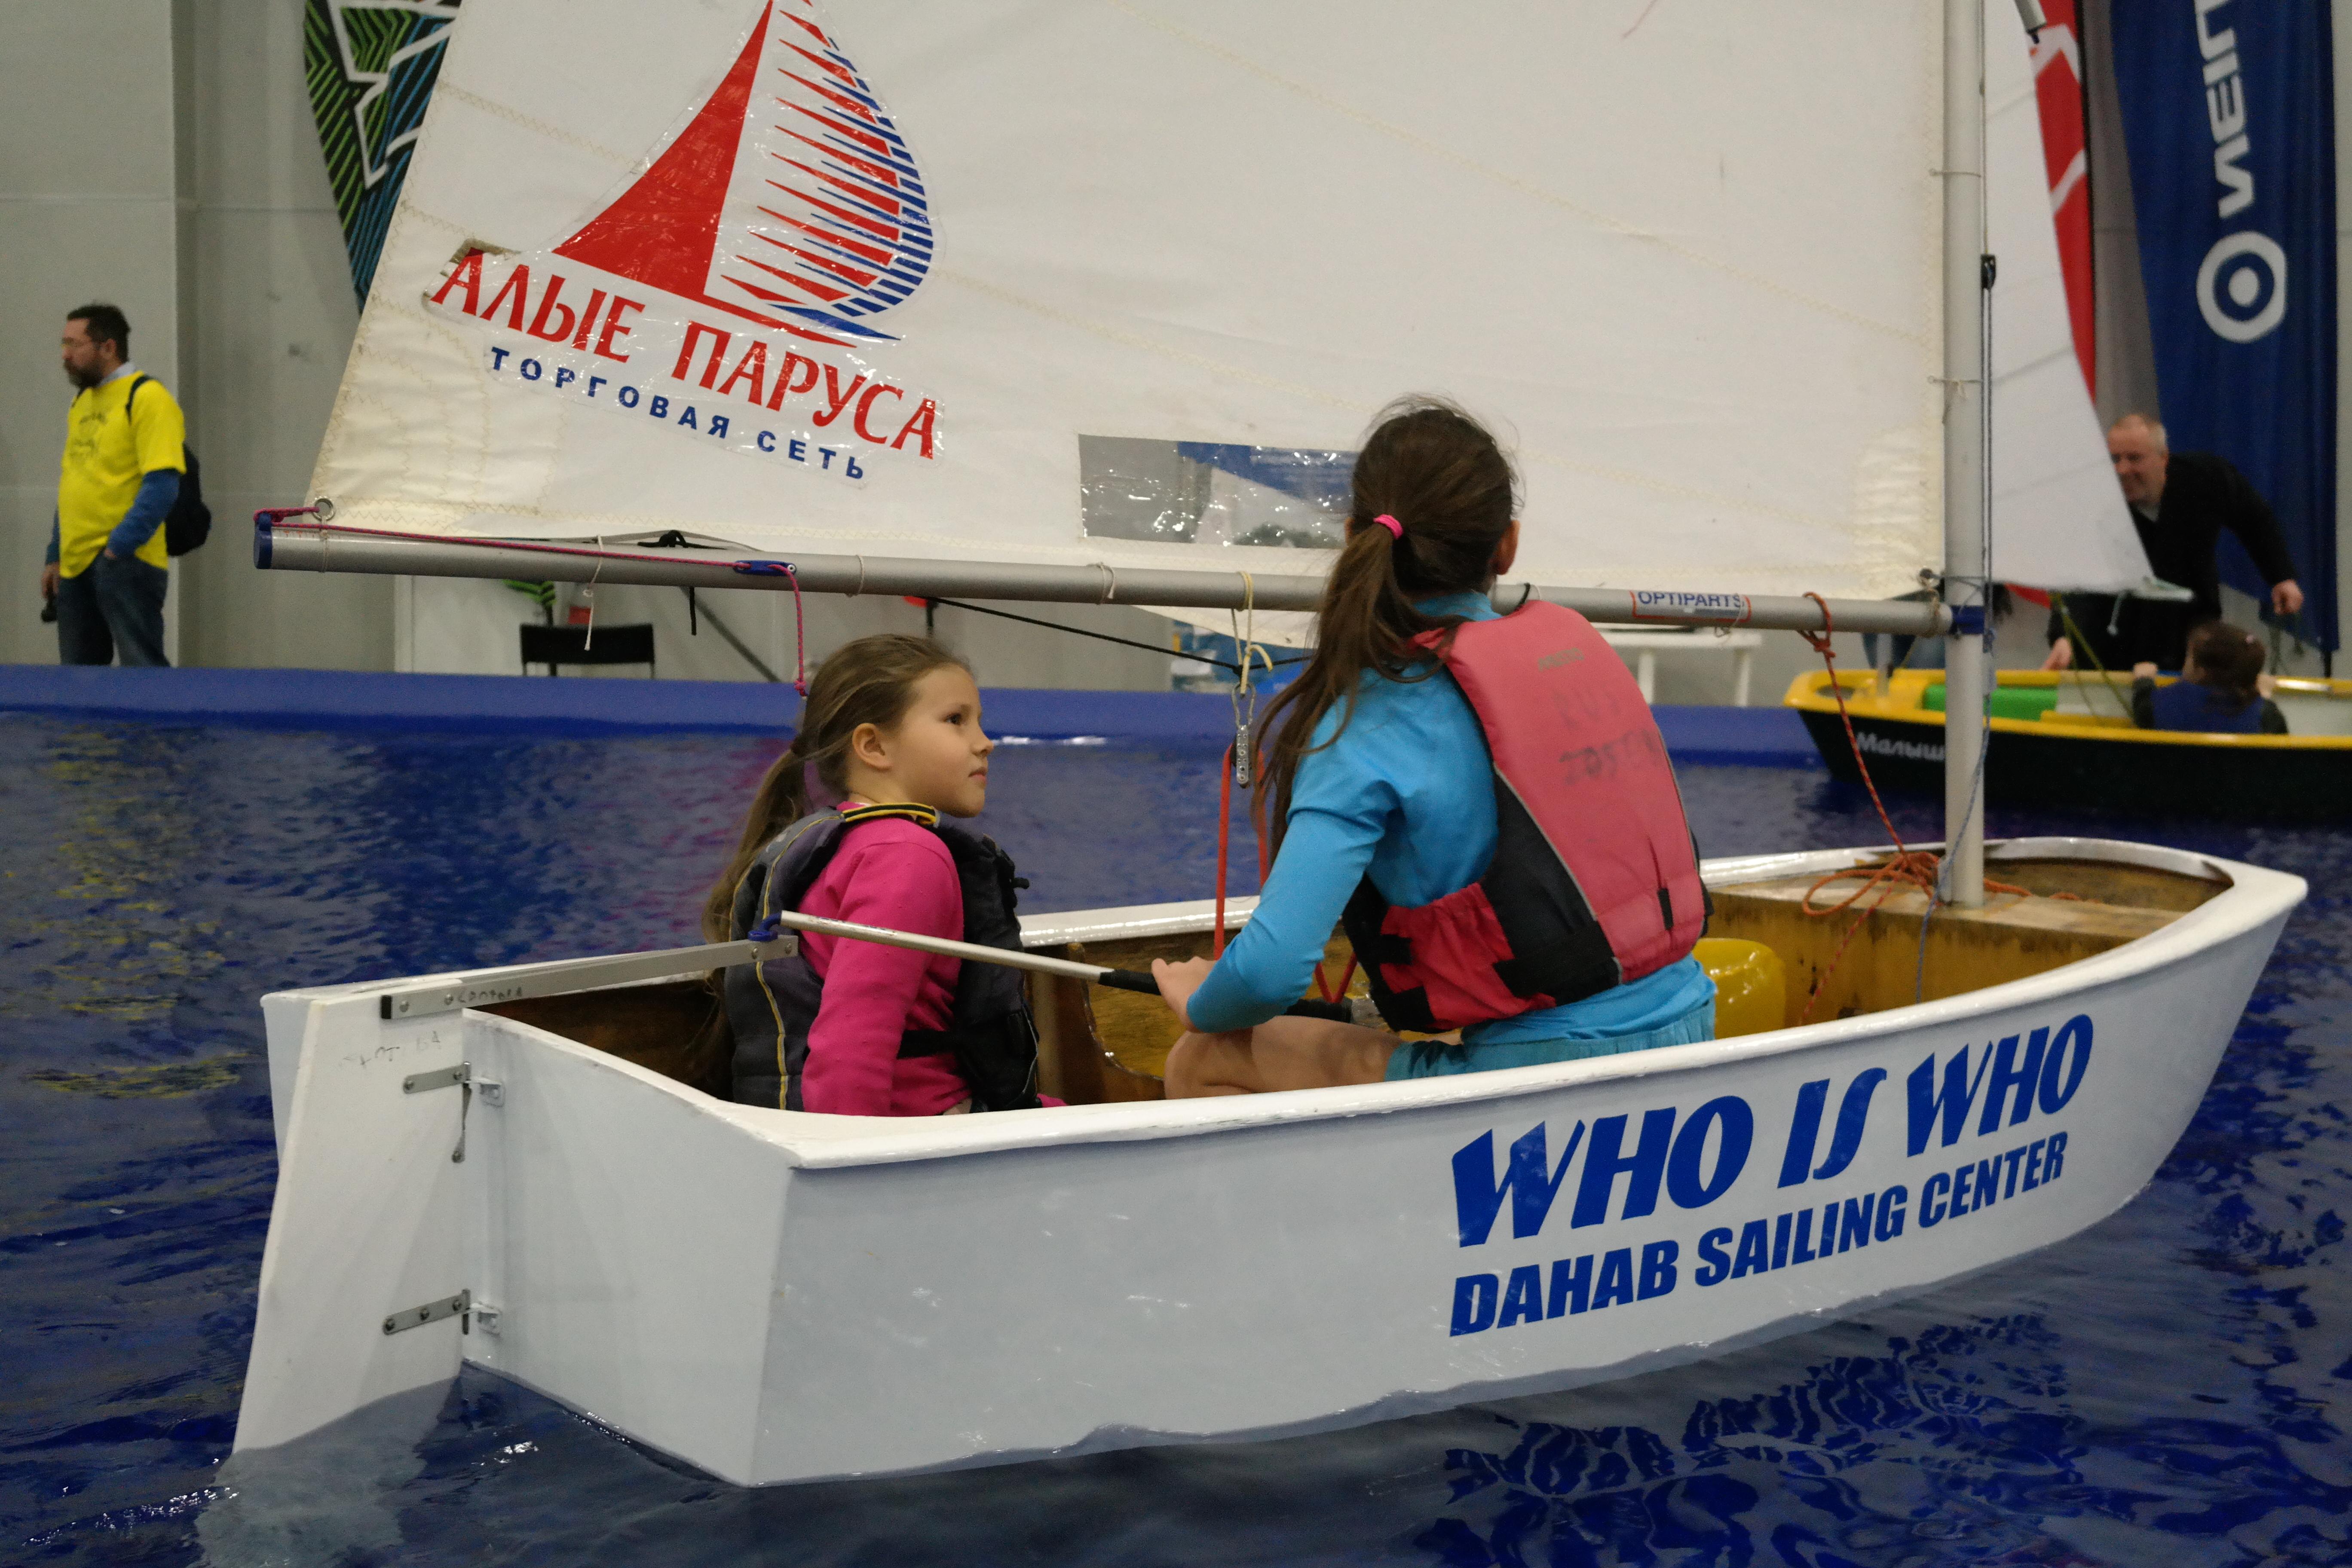 На Moscow Boat Show можно узнать, как записать ребенка в парусную спортивную школу. Фото: Юлия СМИРНОВА